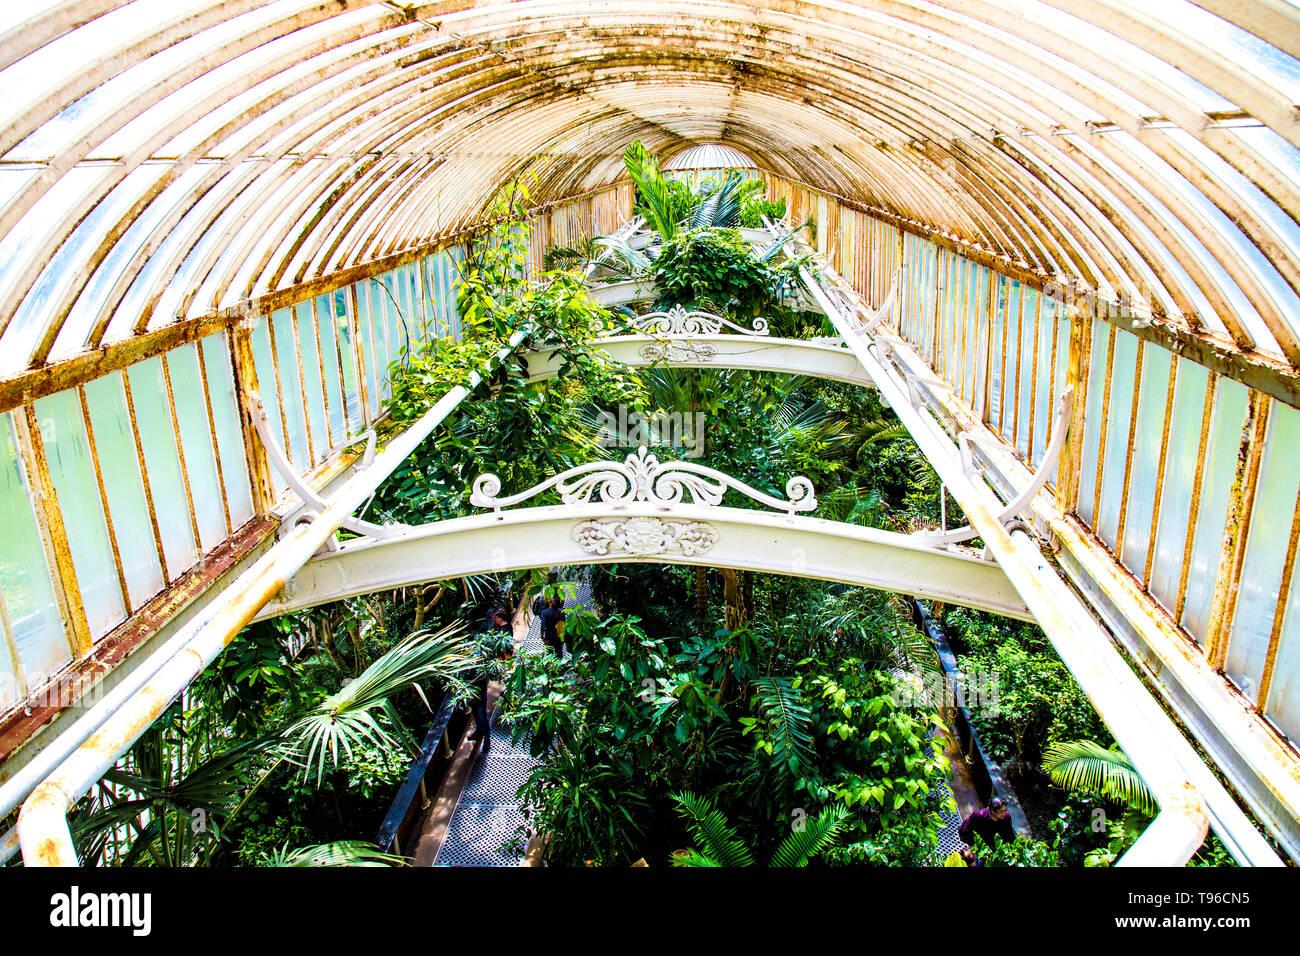 Interior de la Casa de las palmeras con tops de plantas exóticas, Kew Gardens, Londres, Reino Unido. Foto de stock